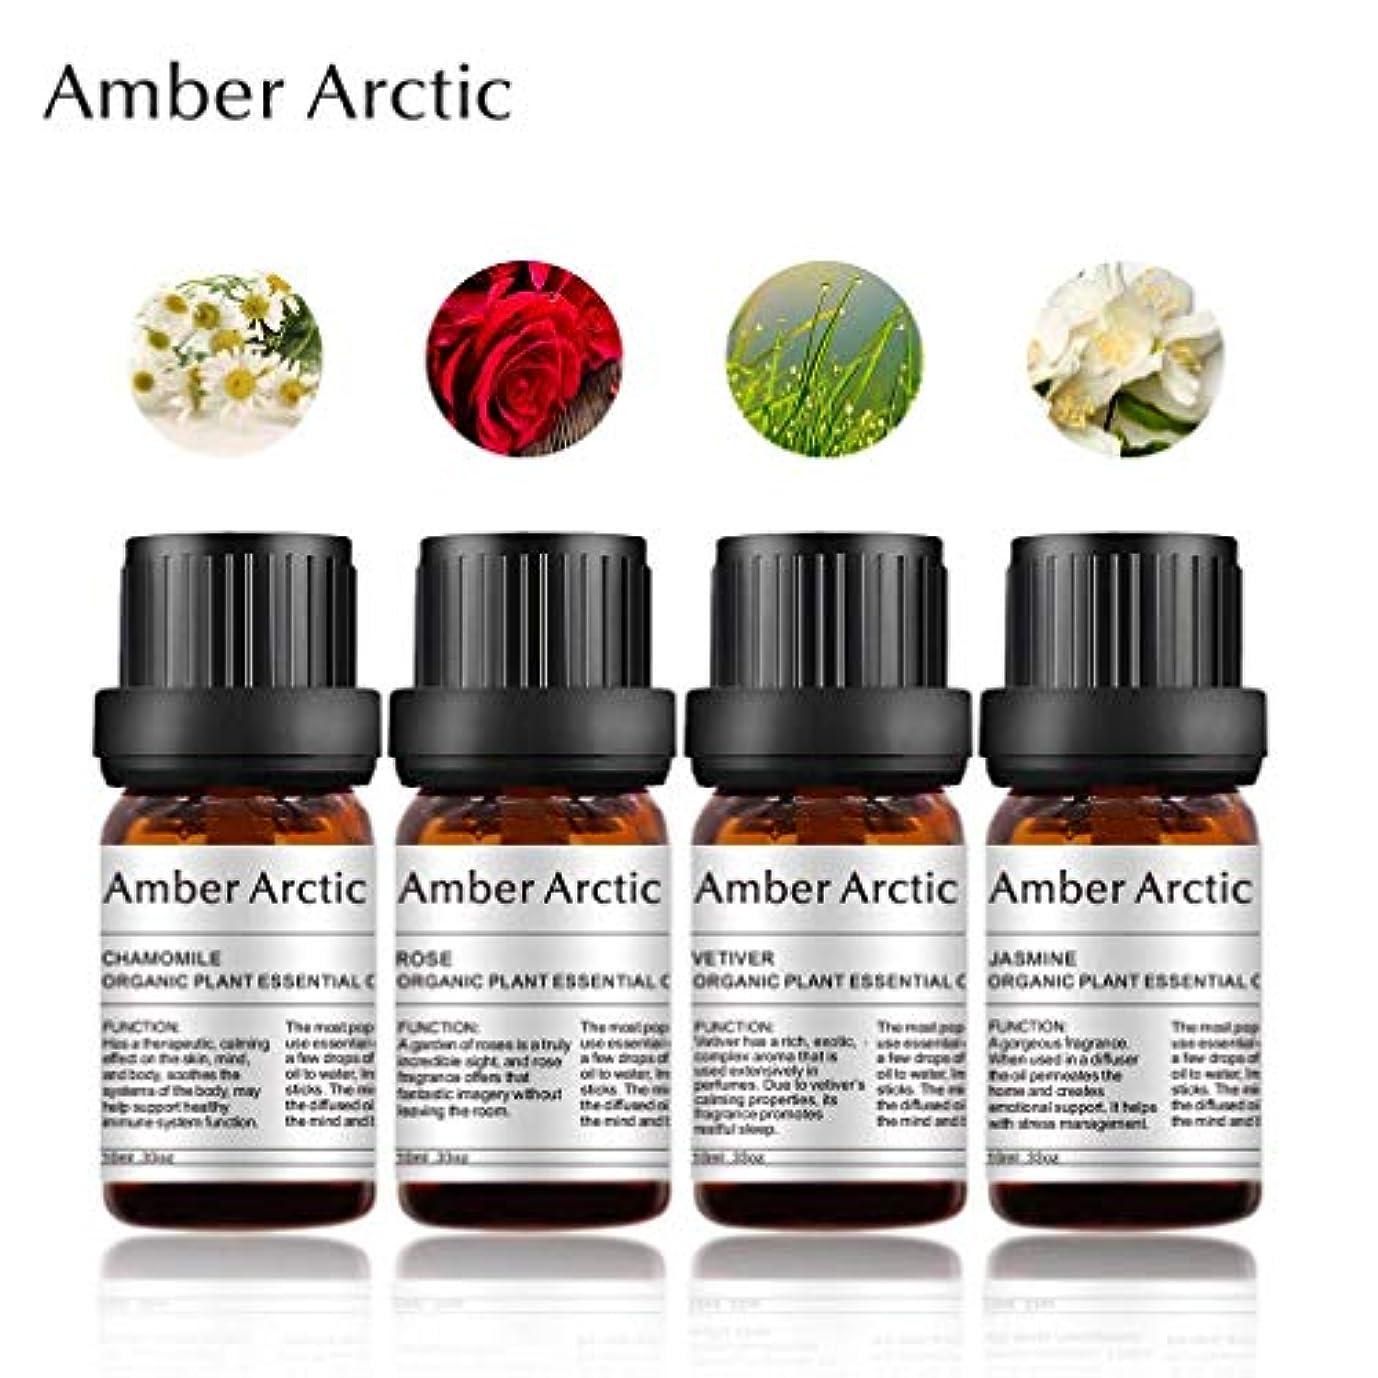 スリル修正する不利益Amber Arctic 4 パック 精油 セット、 100% 純粋 天然 アロマ 最良 治療 グレード エッセンシャル オイル (ジャスミン、 ベチバー、 ローズ、 カモミール)